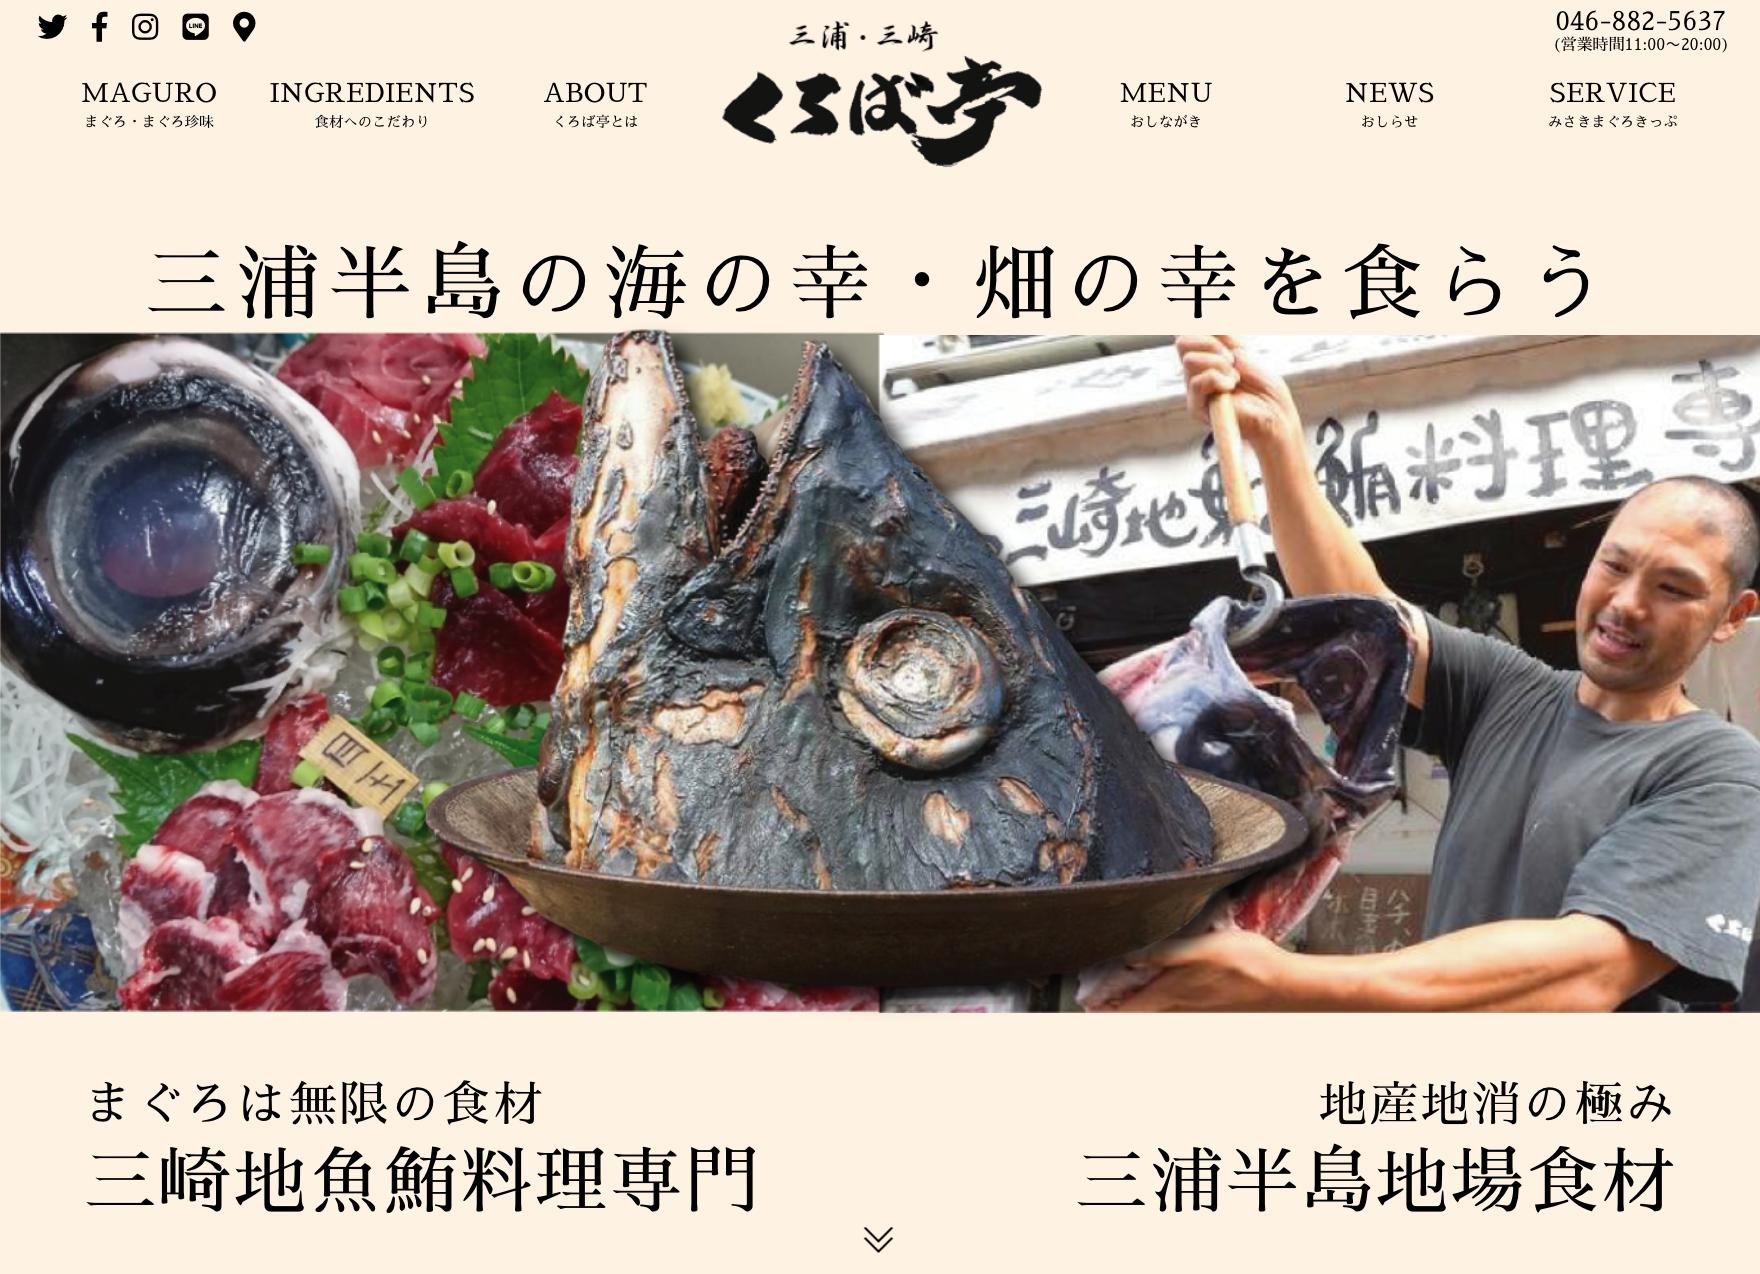 まぐろ無国籍料理店「くろば亭」Webサイト制作